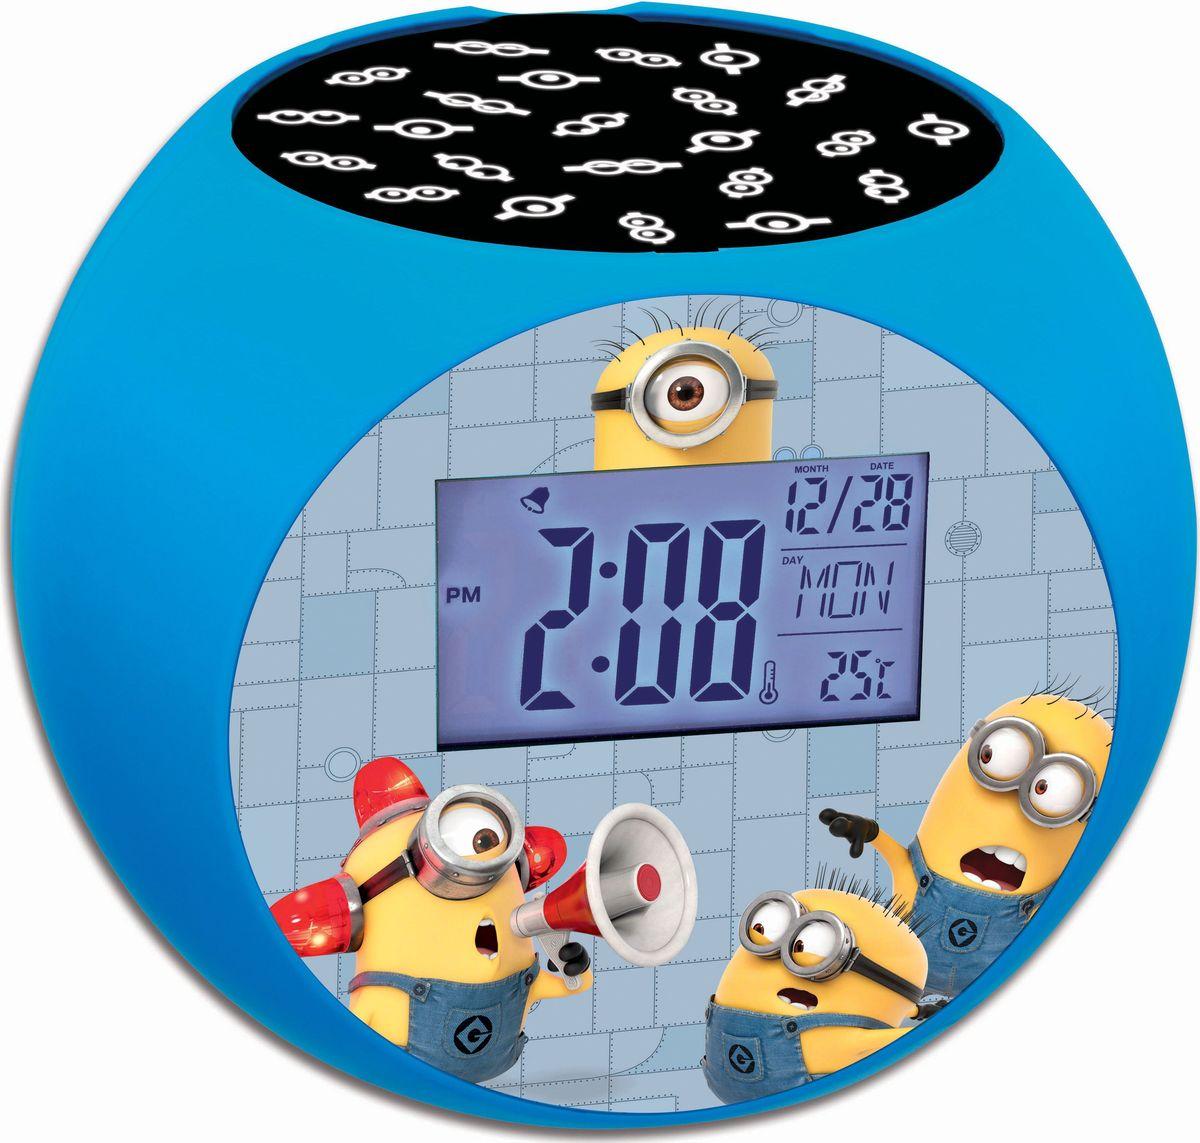 Lexibook Часы-прожектор Миньоны267383Ваши любимые герои теперь будут еще ближе! Стильные и удобные радио-часы с ЖК экраном, сделанные в дизайне героев мультфильма с функциями будильника, ночника и проектора, который проецирует время и картинки на потолок. Благодаря 10-ти встроенным в радио-часы звукам природы вы можете расслабиться в любое время! Продукт произведен по официальной лицензии, прекрасный подарок детям и их родителям!